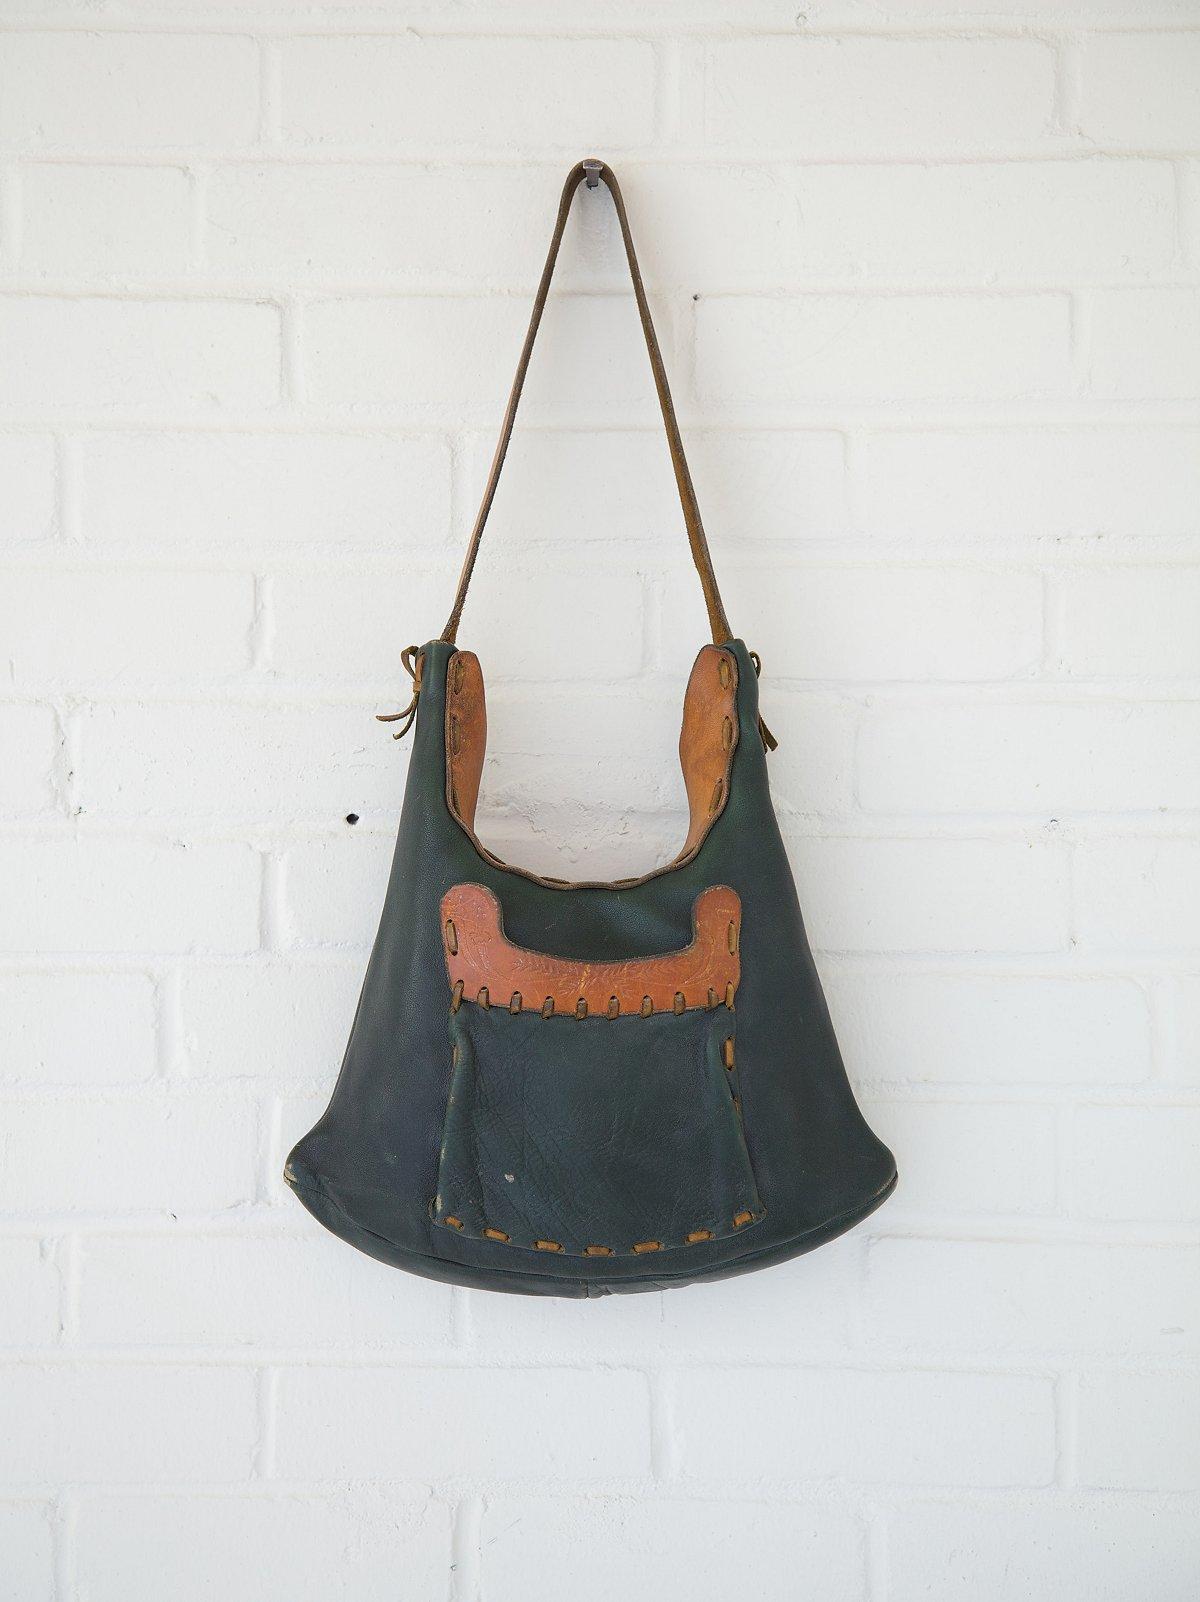 Vintage Whipstitch and Embossed Leaf Shoulder Bag